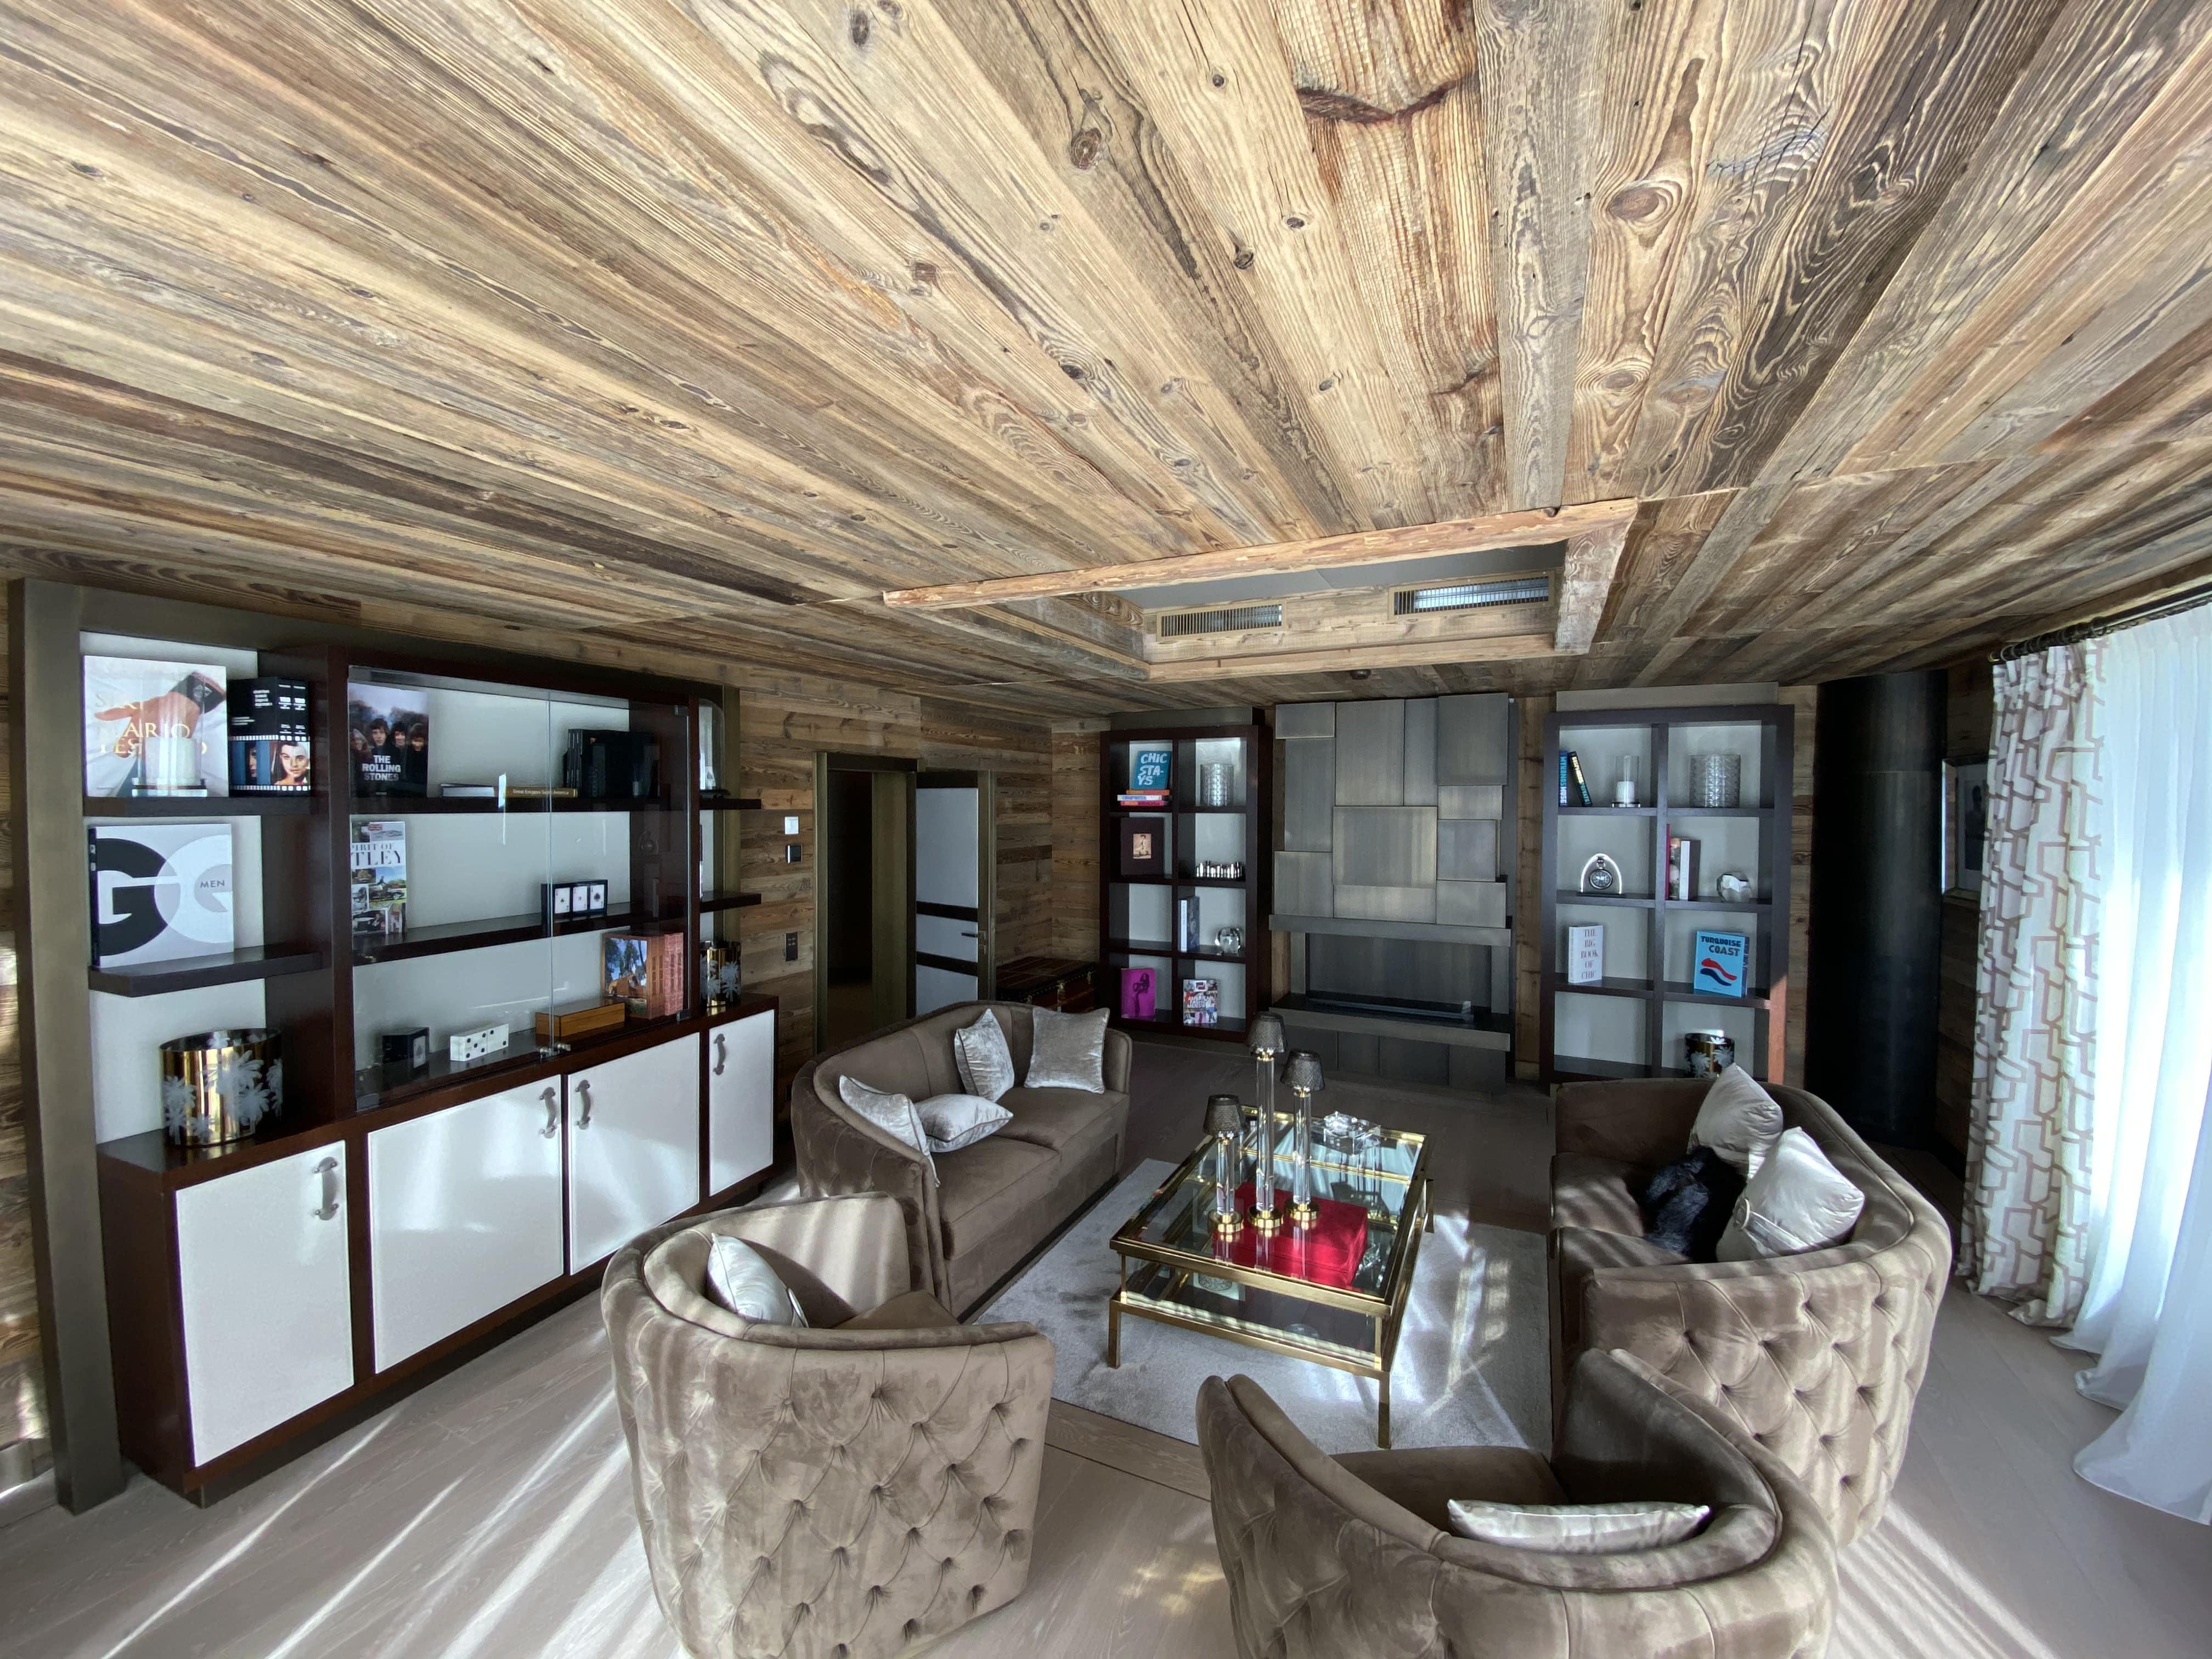 Vieux bois – Hotel Crans Montana6